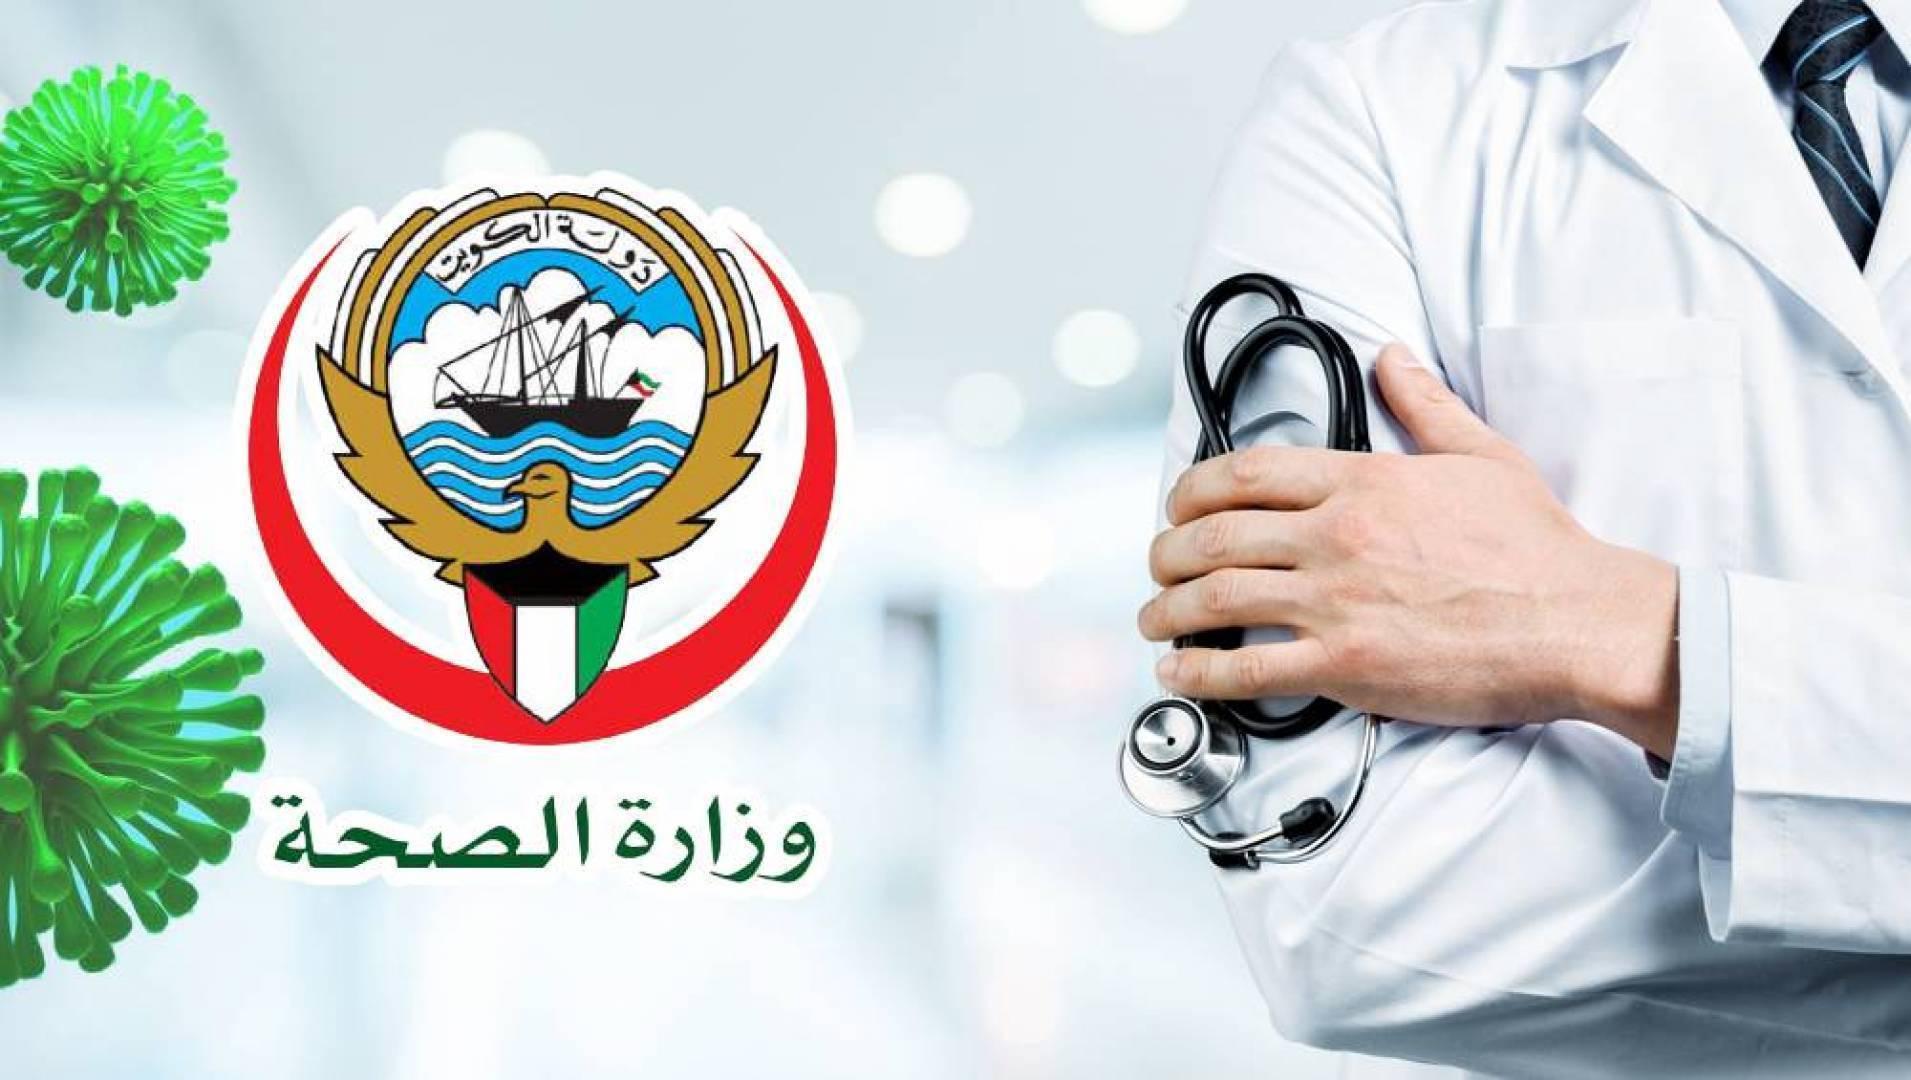 وزارة الصحة: منع سحب الأطباء من أقسام الطوارئ وعناية كورونا في المستشفيات